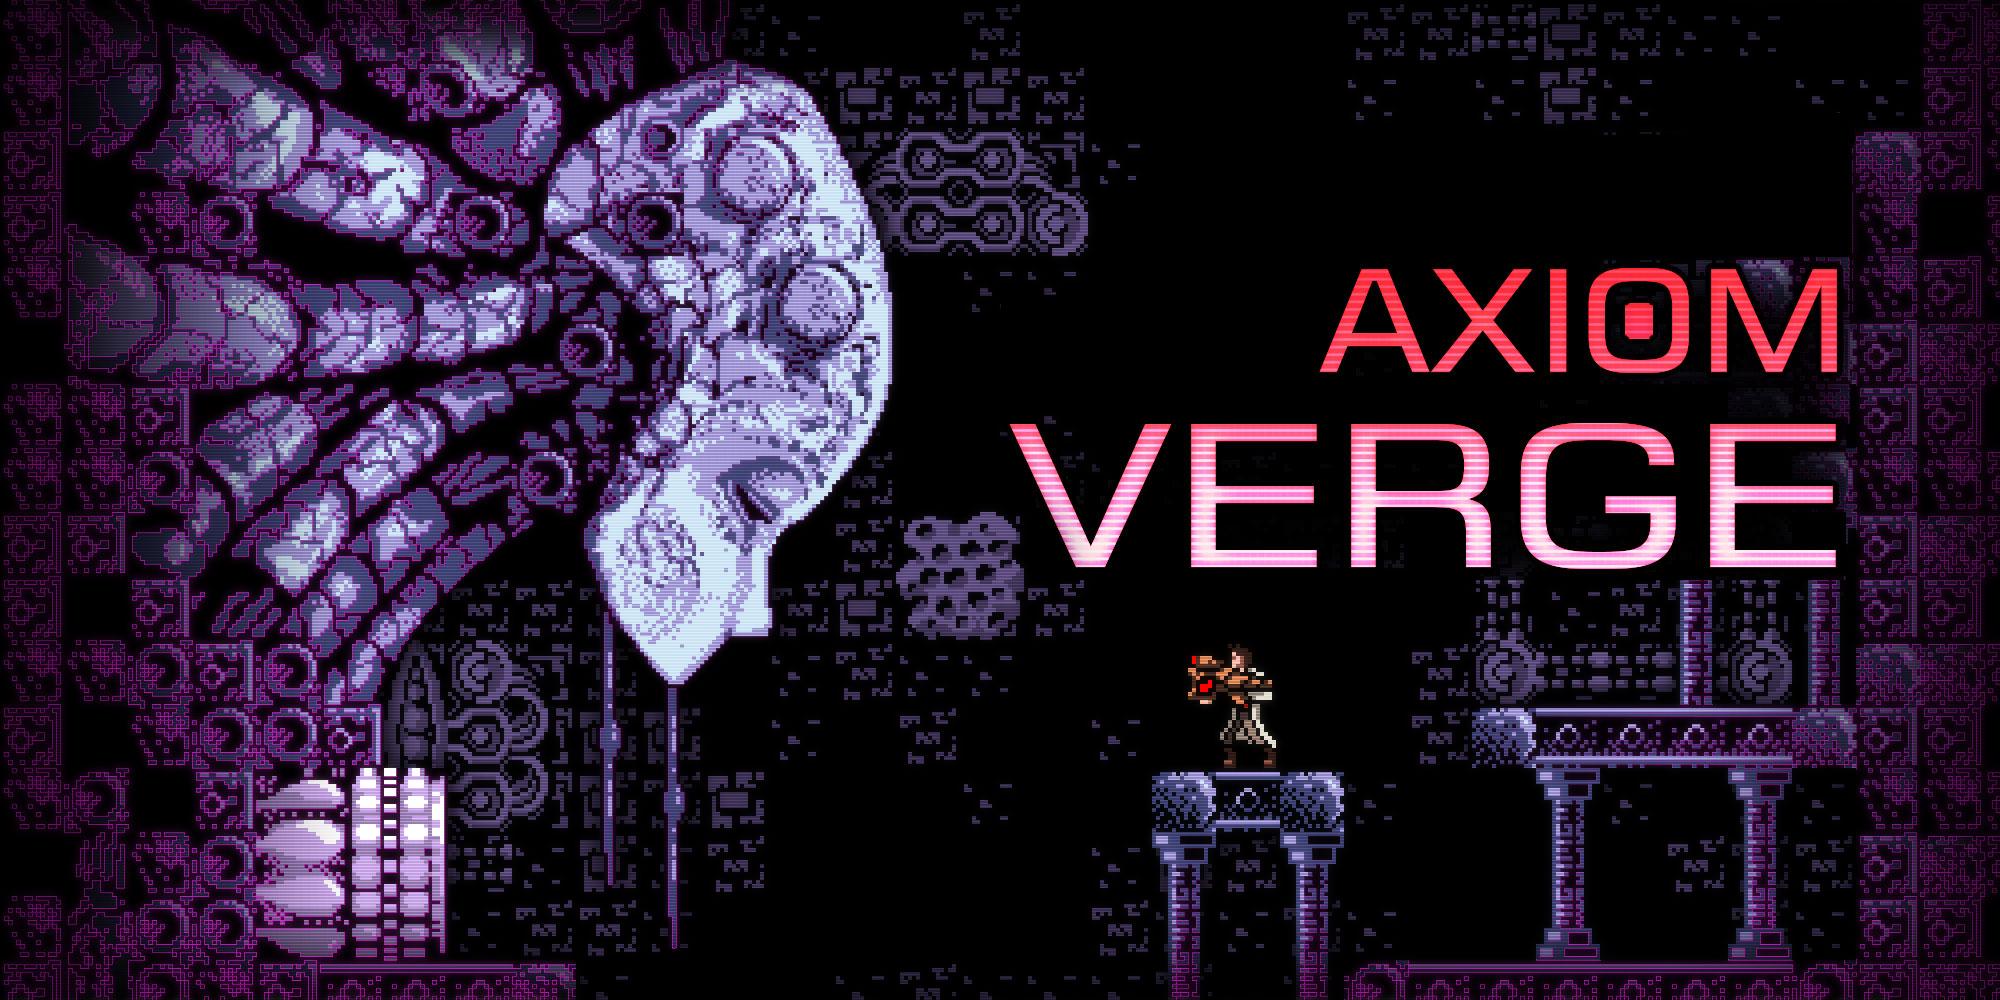 La acción de Axiom Verge en Nintendo Switch el próximo 17 de Octubre